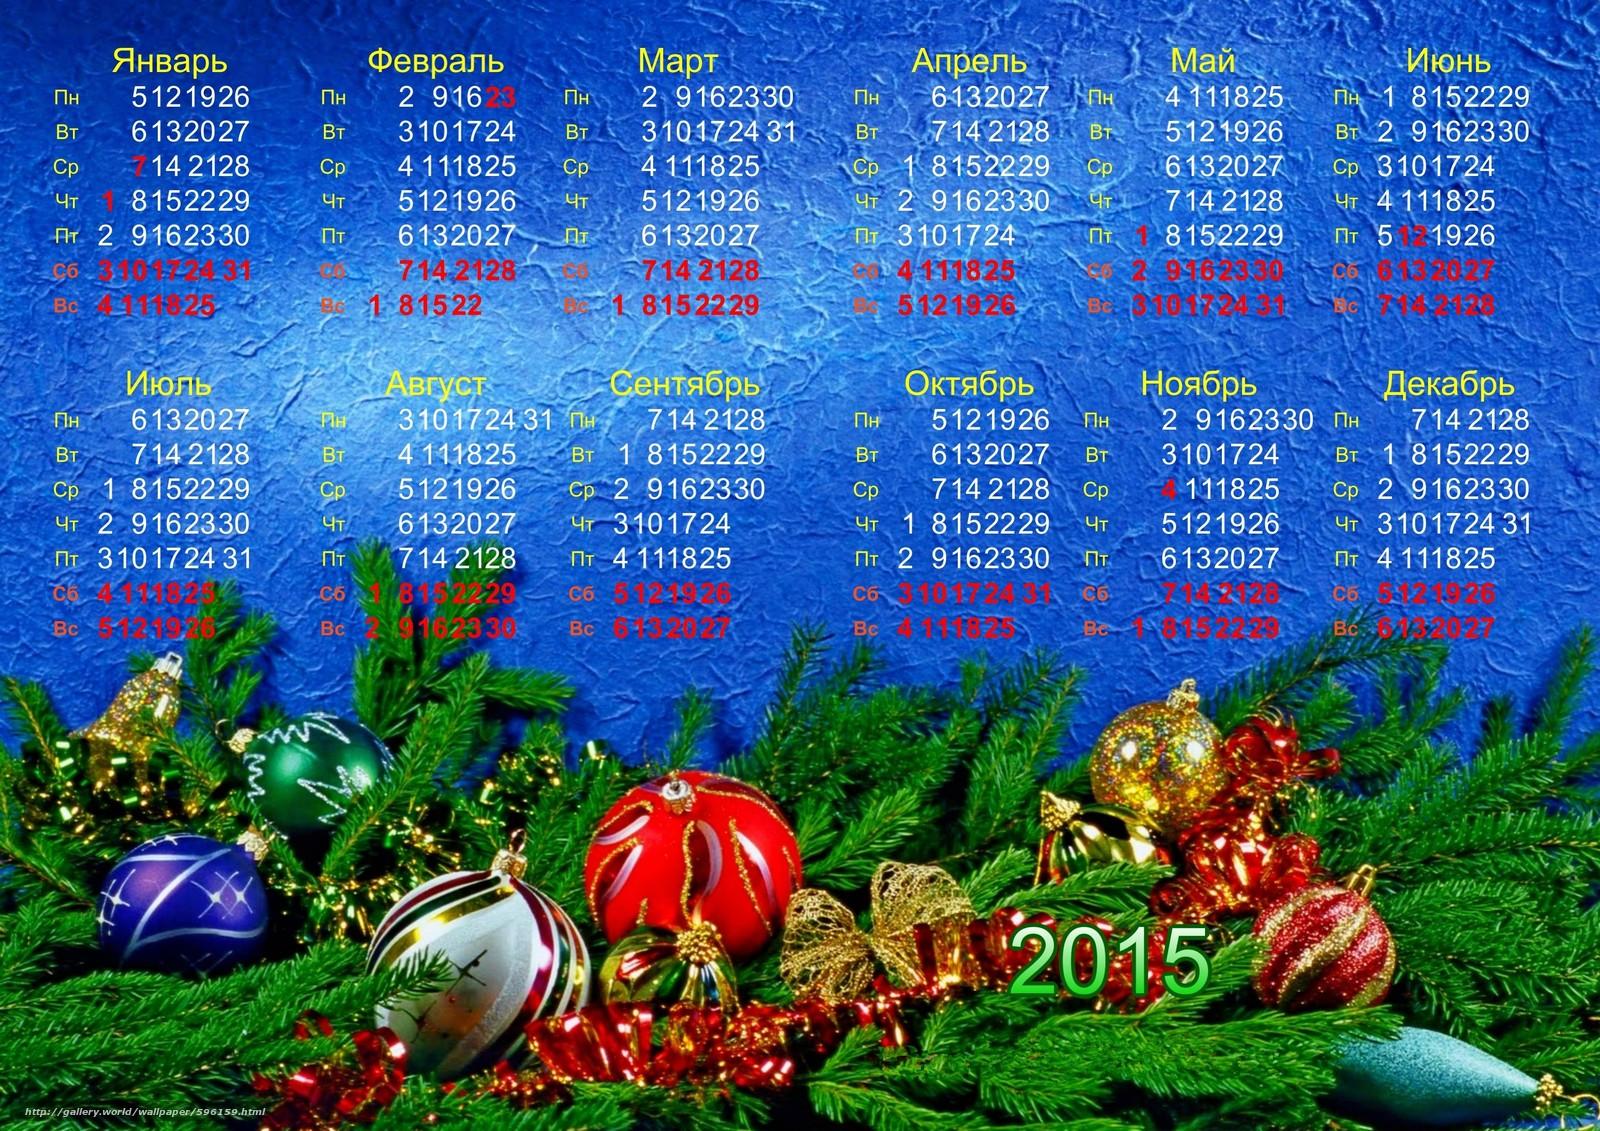 Календарь На 2015 Год На Рабочий Стол